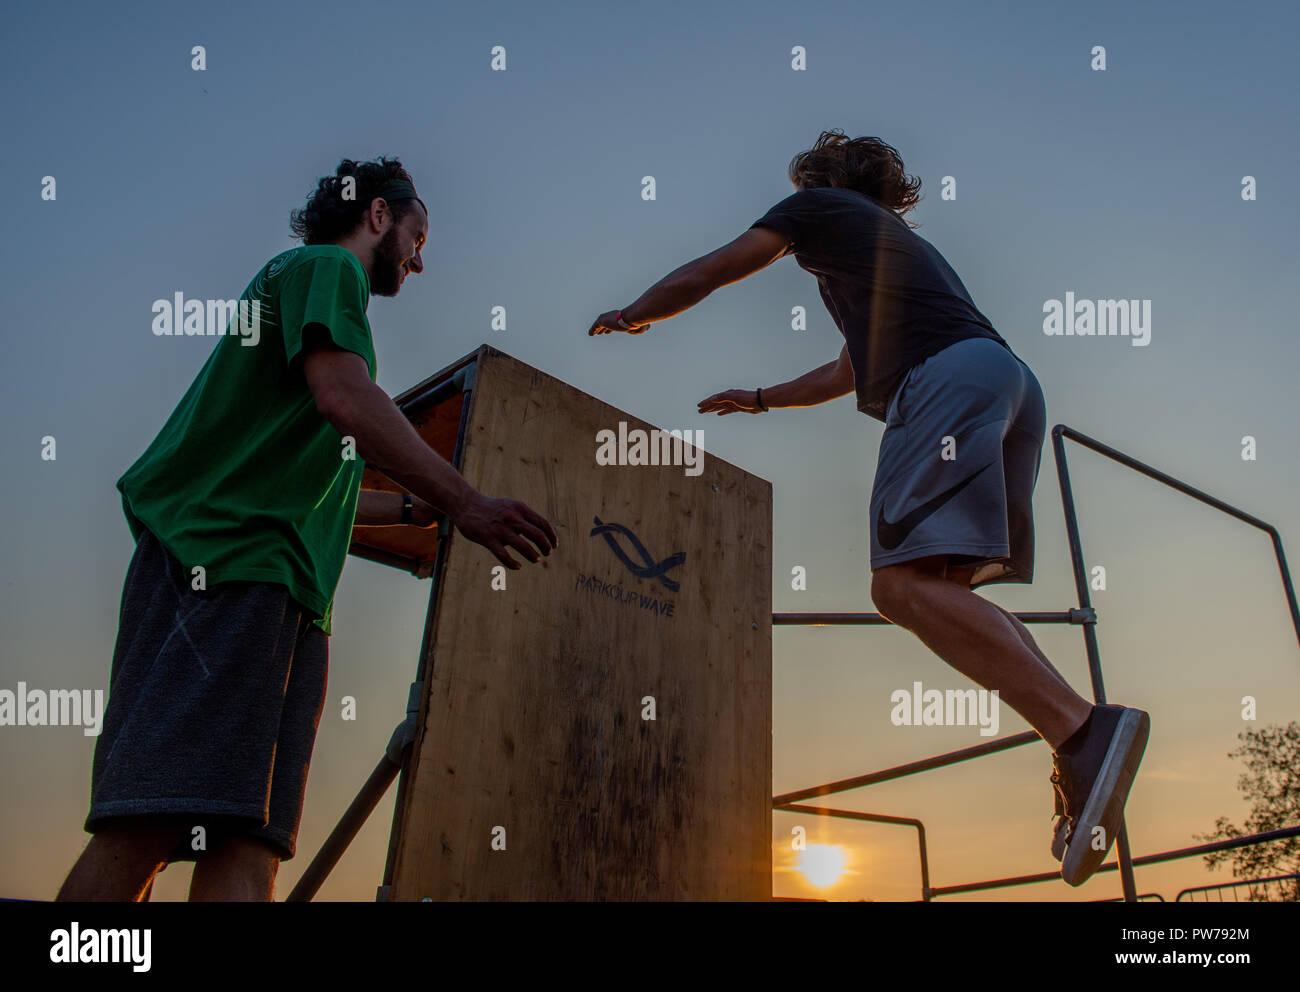 Bergamo Italia il 12 ottobre 2018:Parkour 'attività fisica in corsa, alpinismo e saltando di superare un ostacolo Foto Stock